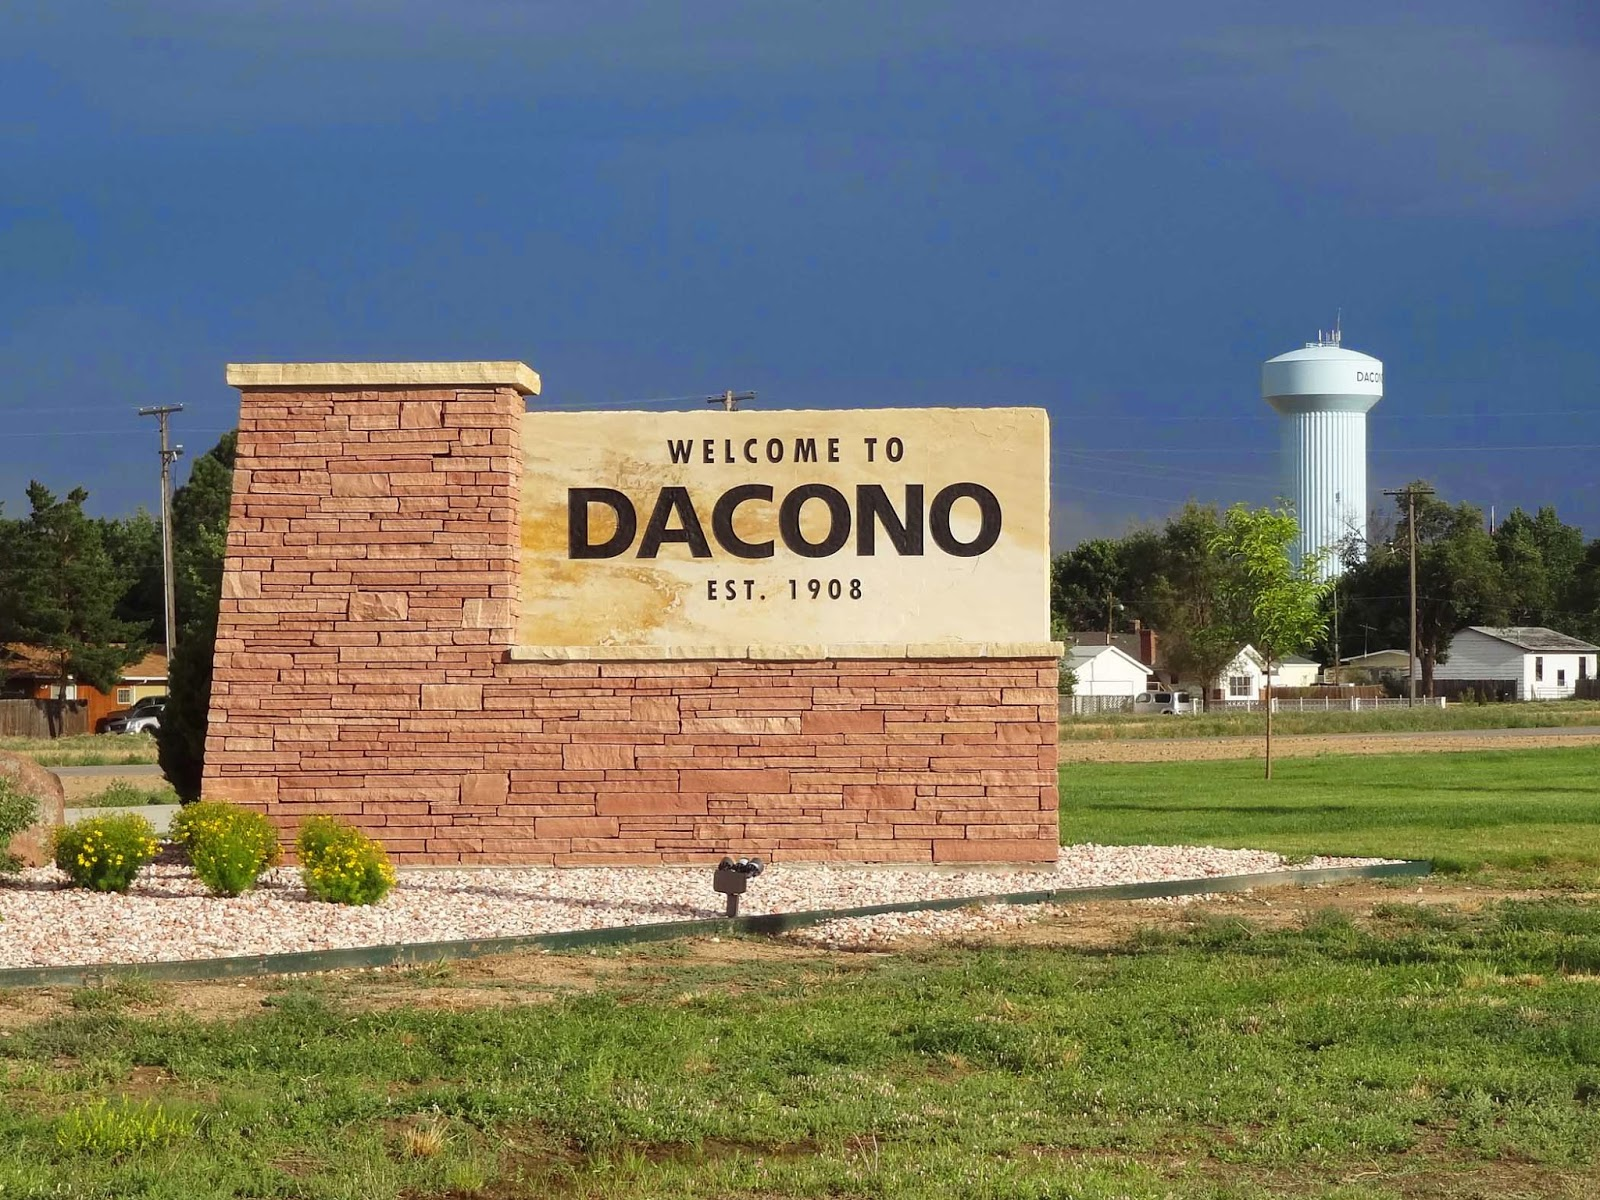 Dacono